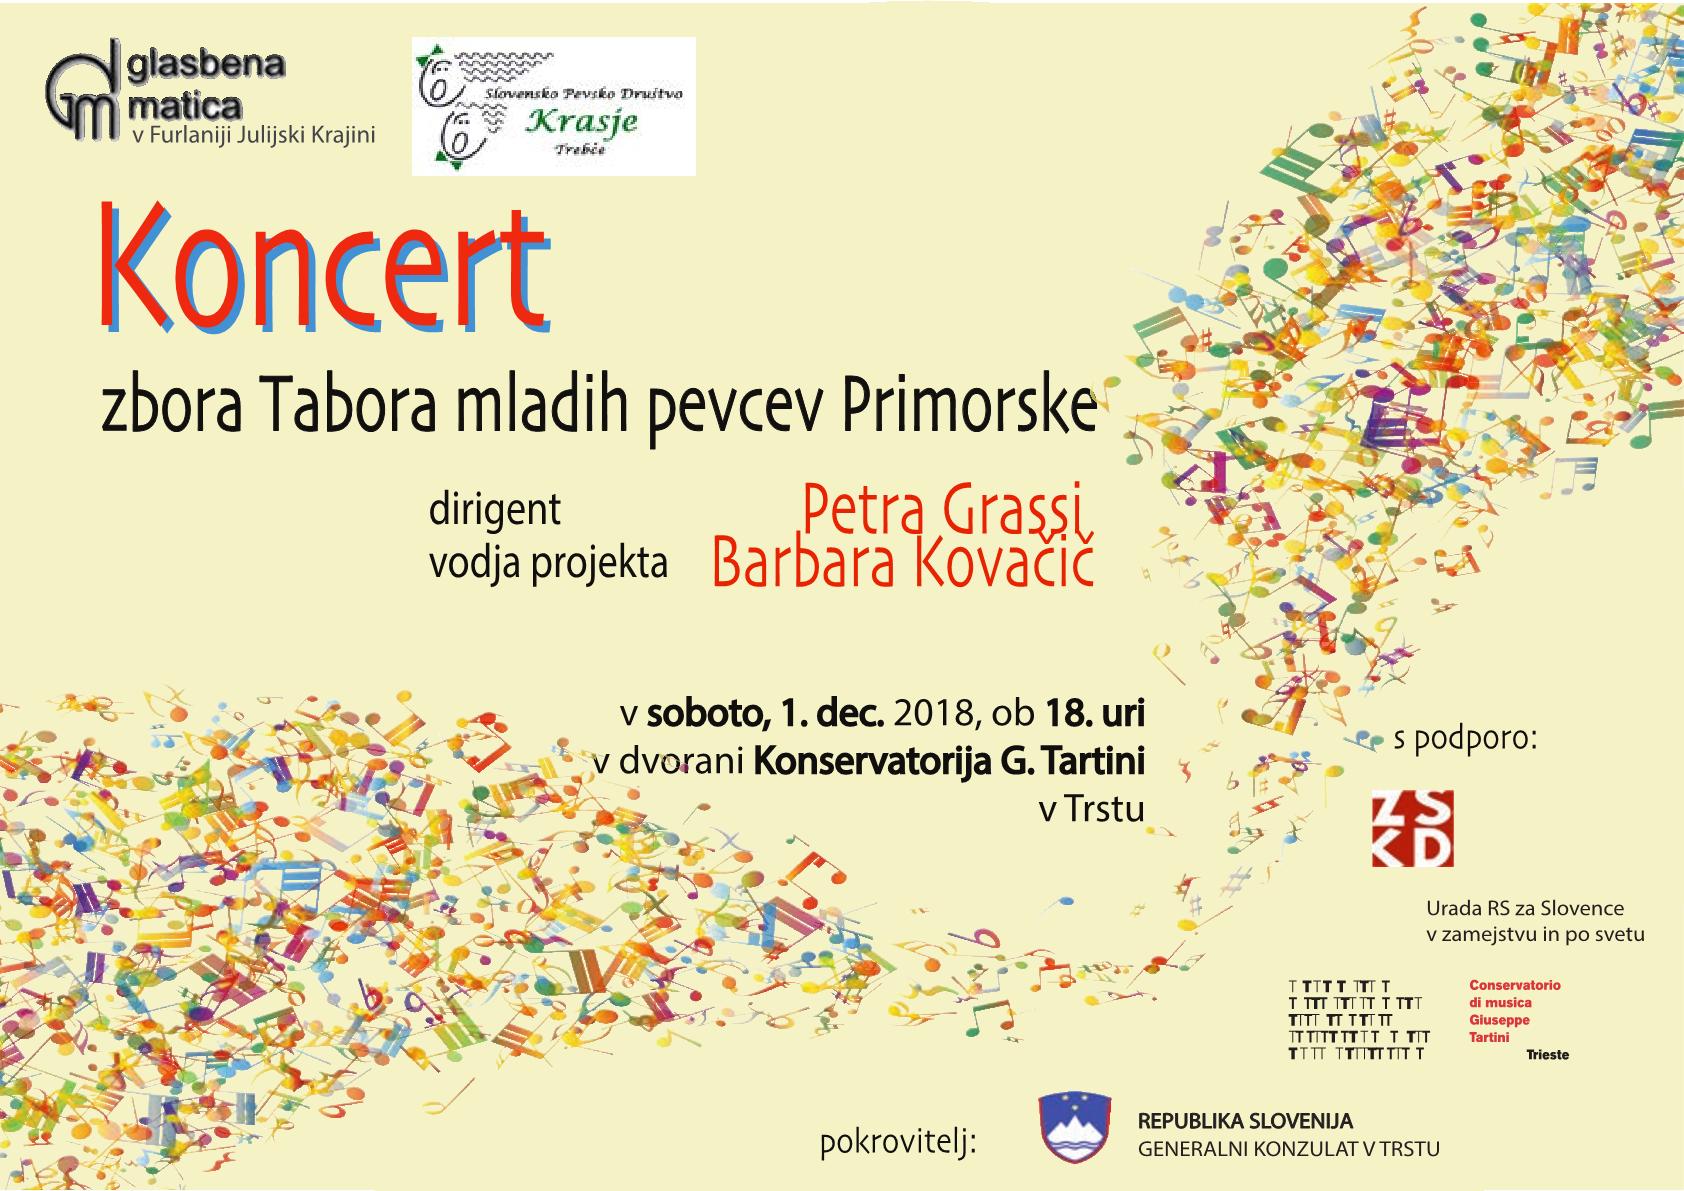 1.12.2018 ob 18.00 v dvorani konservatorija G. Tartini v Trstu